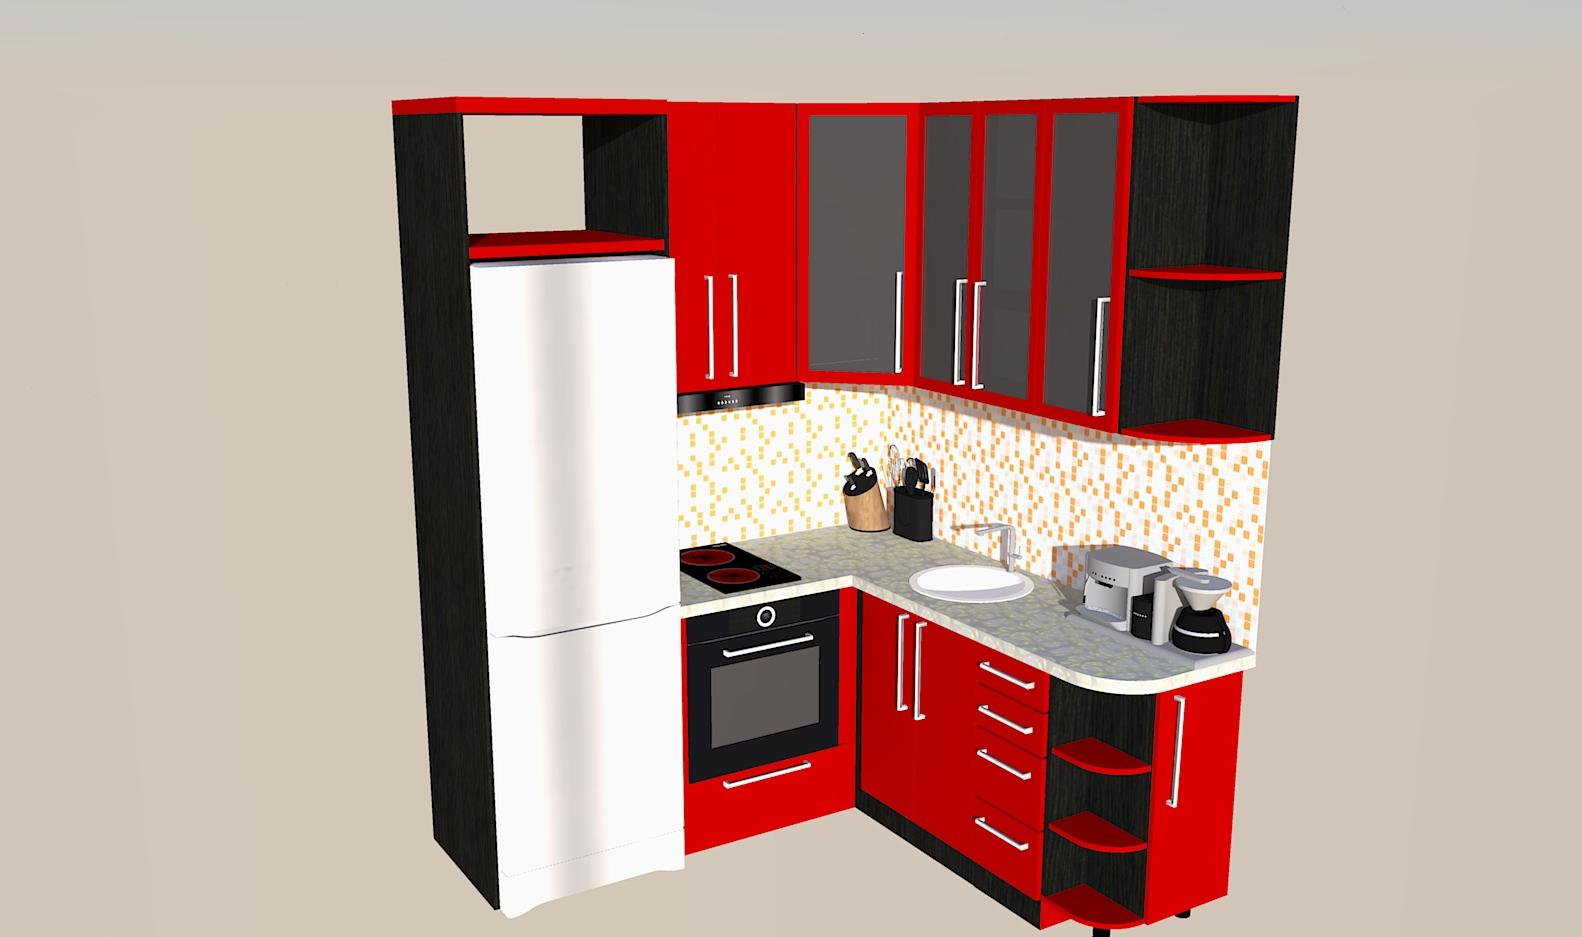 угловая кухня для для маленького кухонного помещения